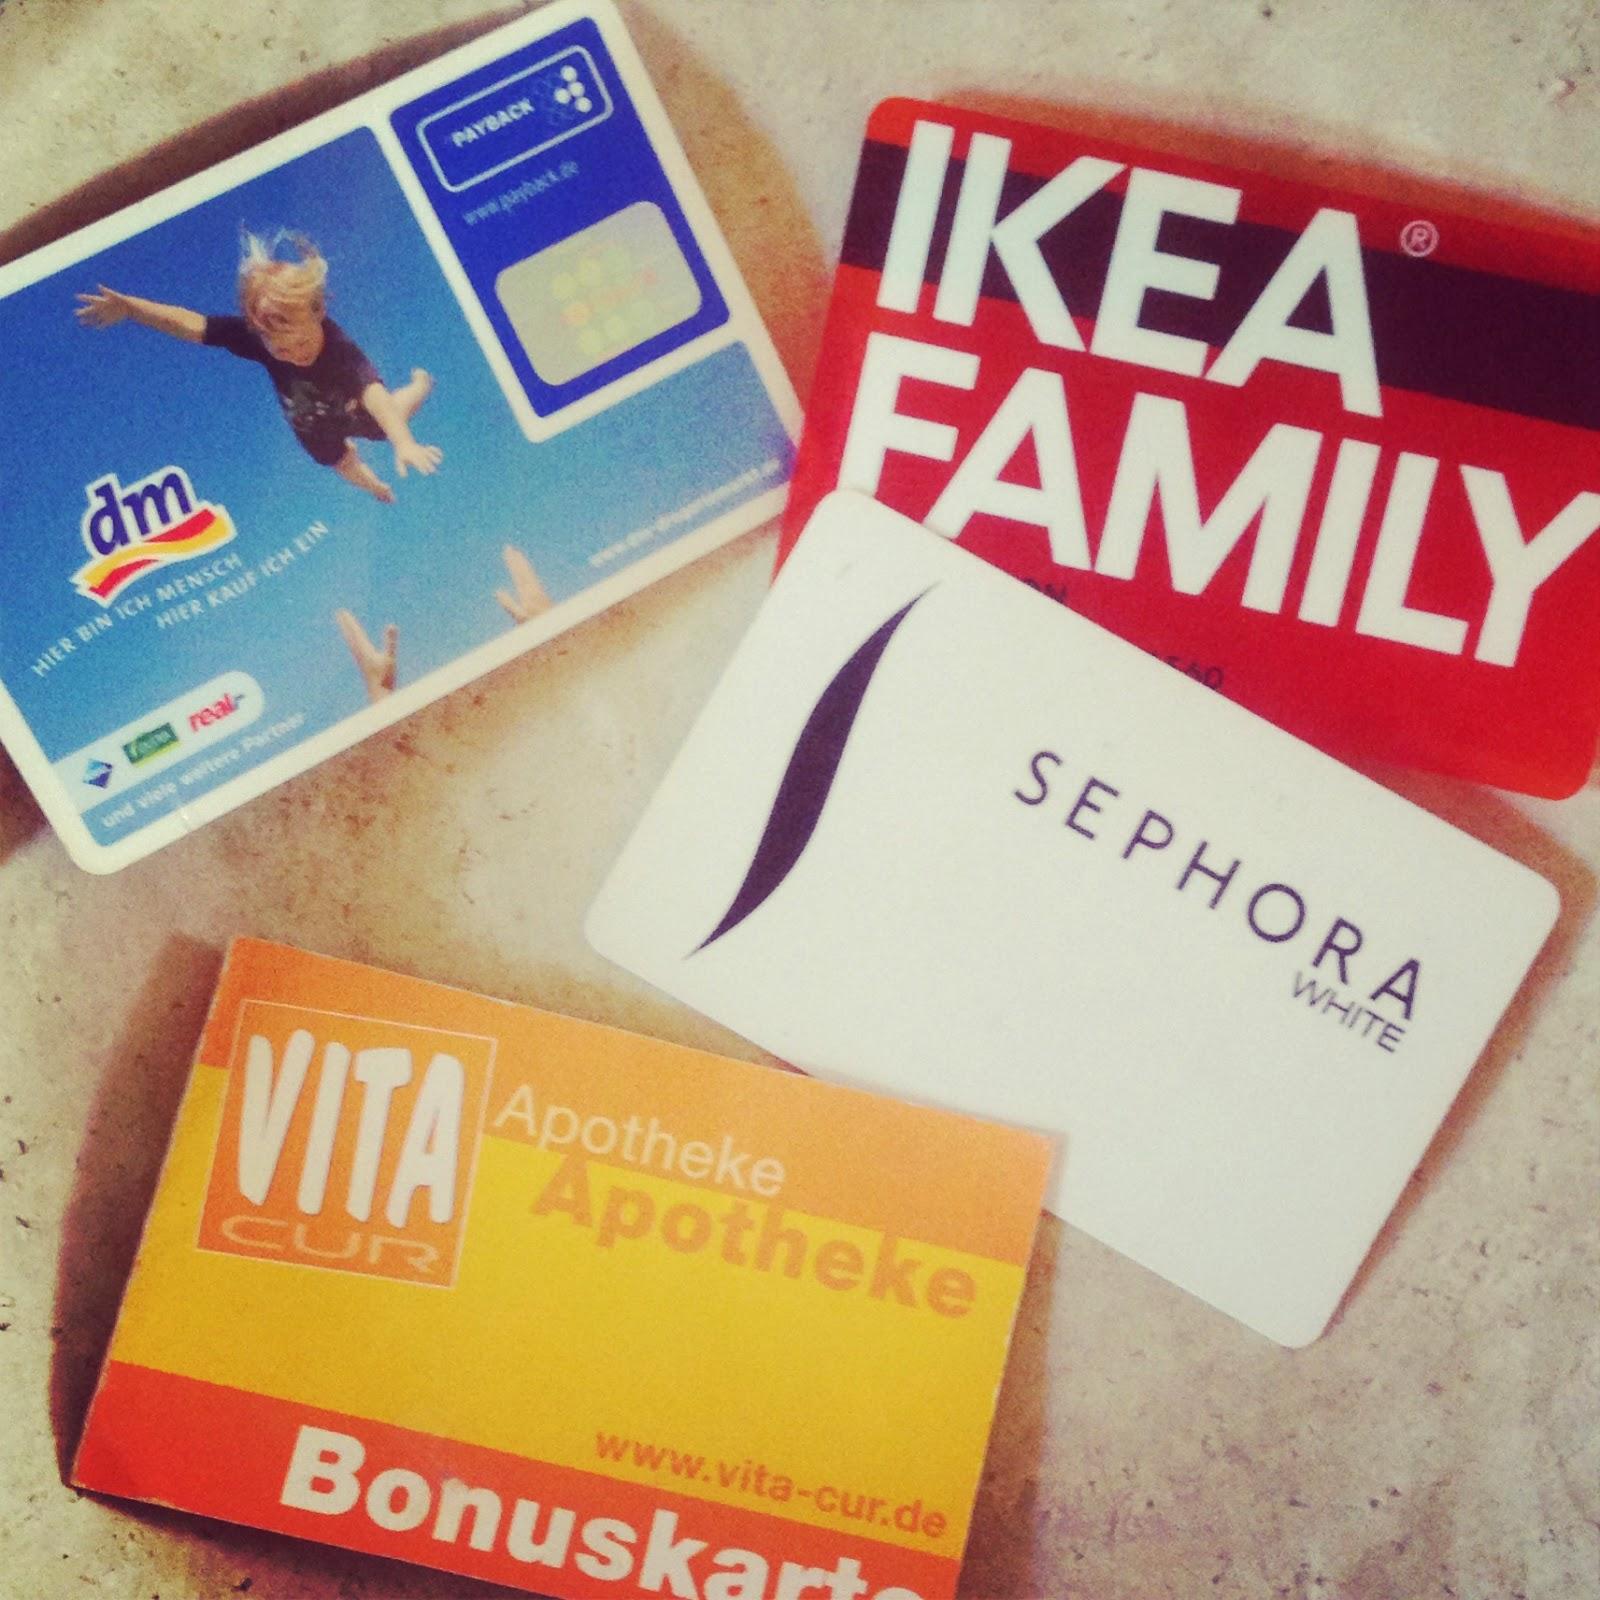 Elegant Ikea Family Karte Beantragen Design